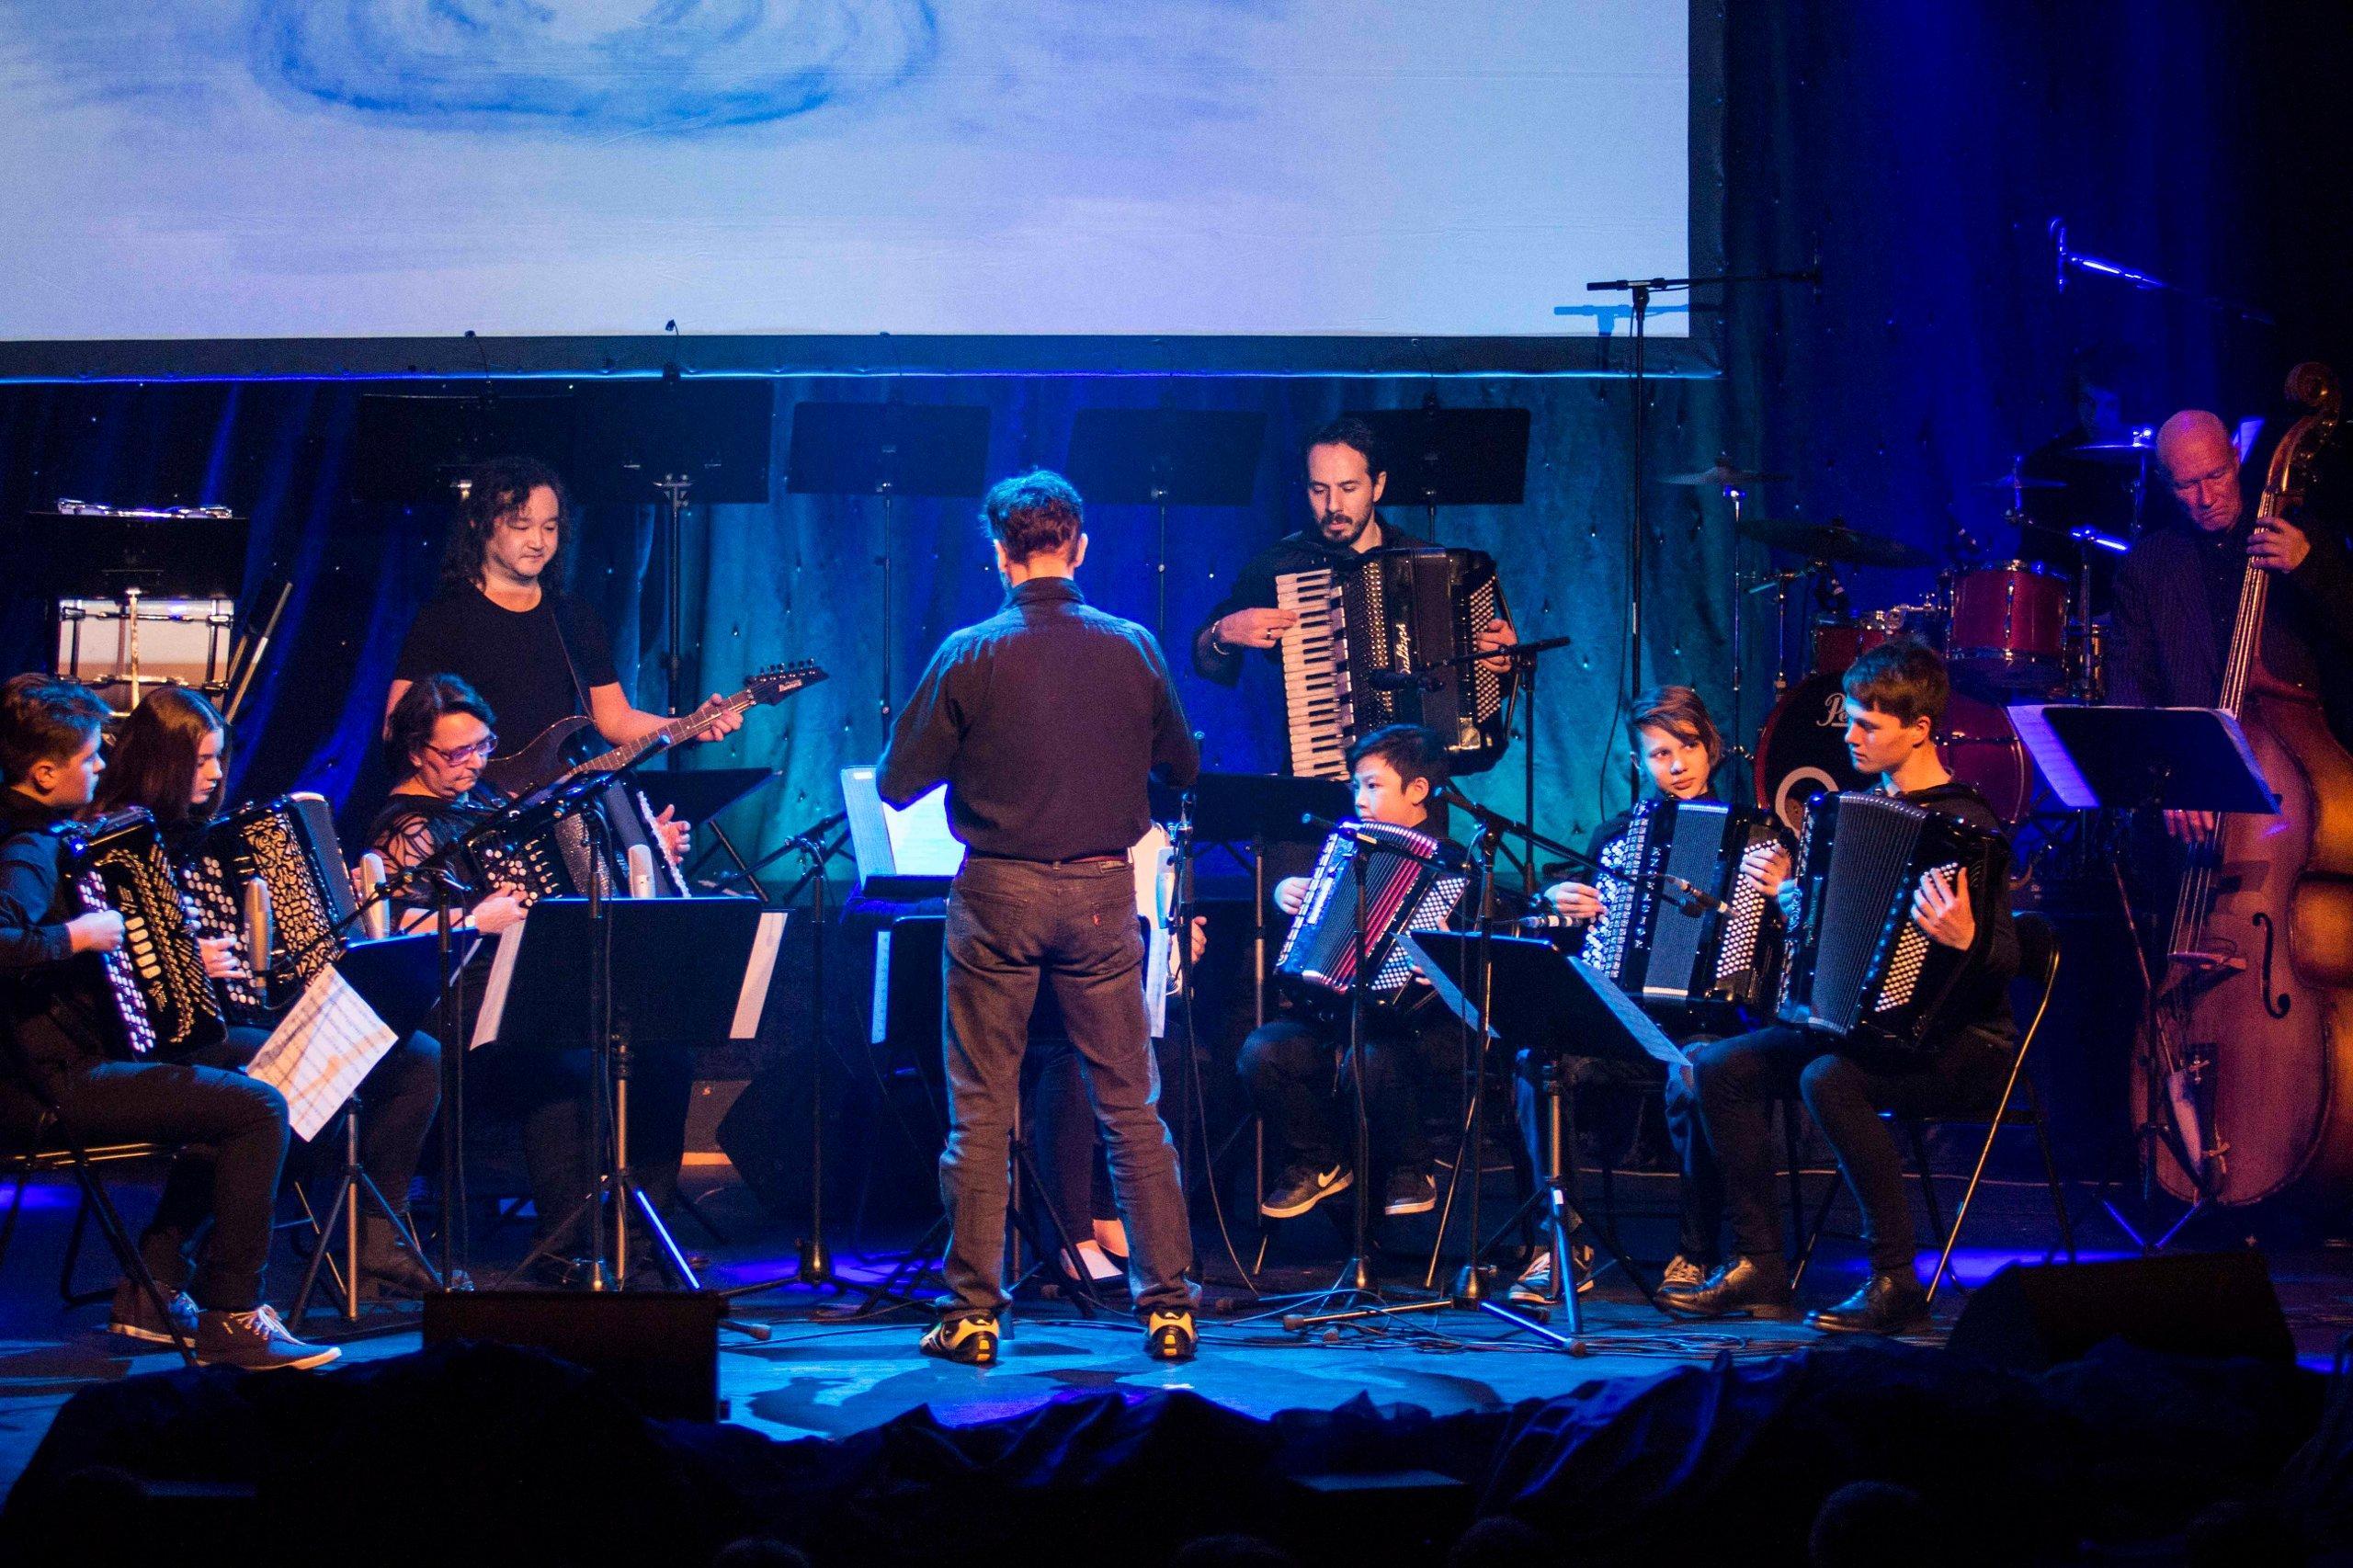 MSK jr fremfører Bach onto this i Parkteatret. (Foto: Tor-Arne Dunderholen)